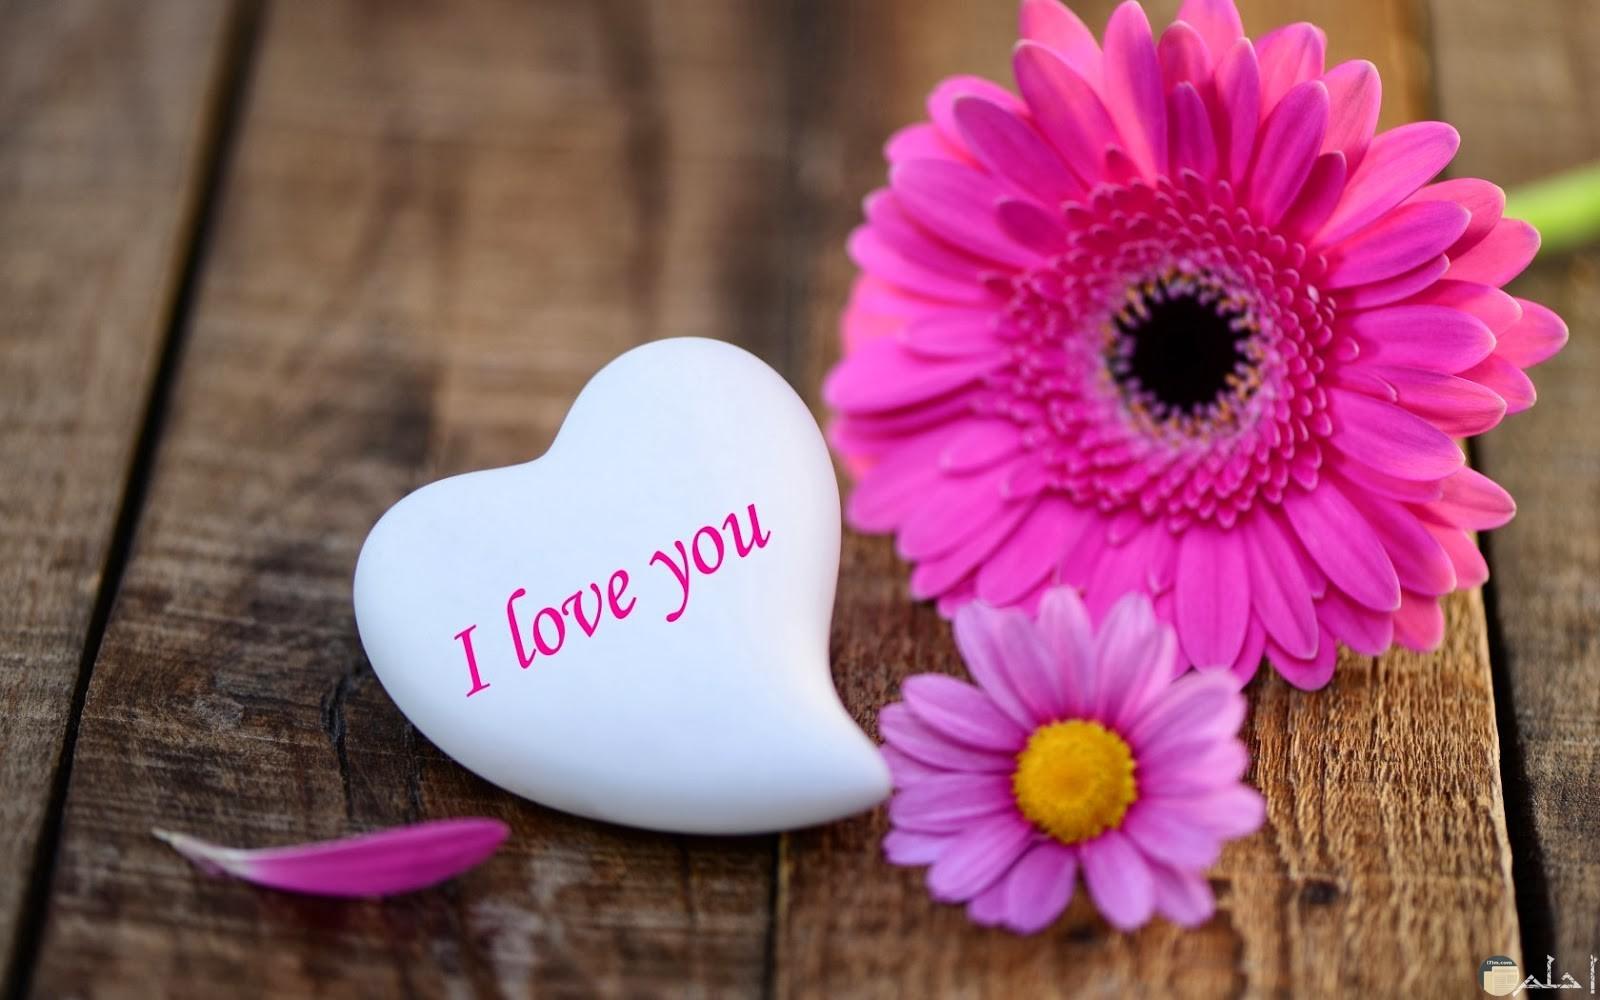 كلمة I Love you في قلب أبيض مع ورد بمبي و روز.